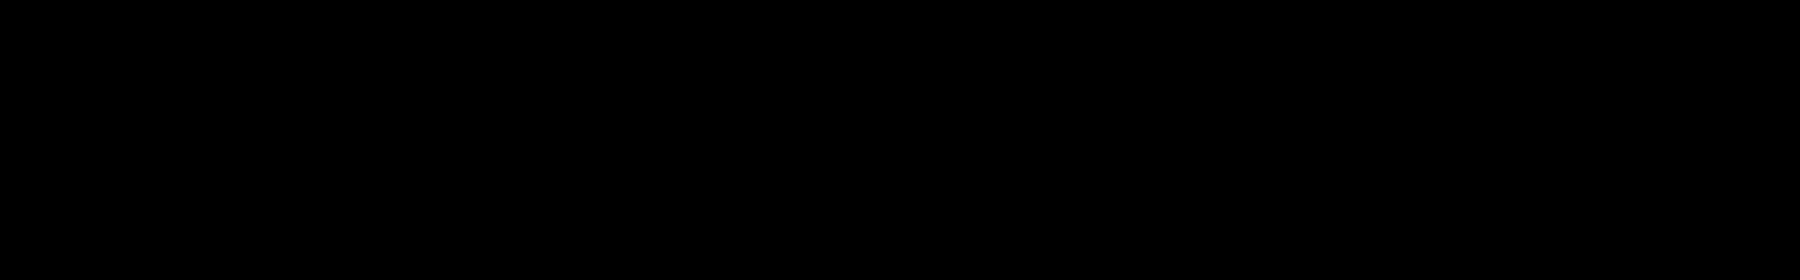 Indian Vocals audio waveform